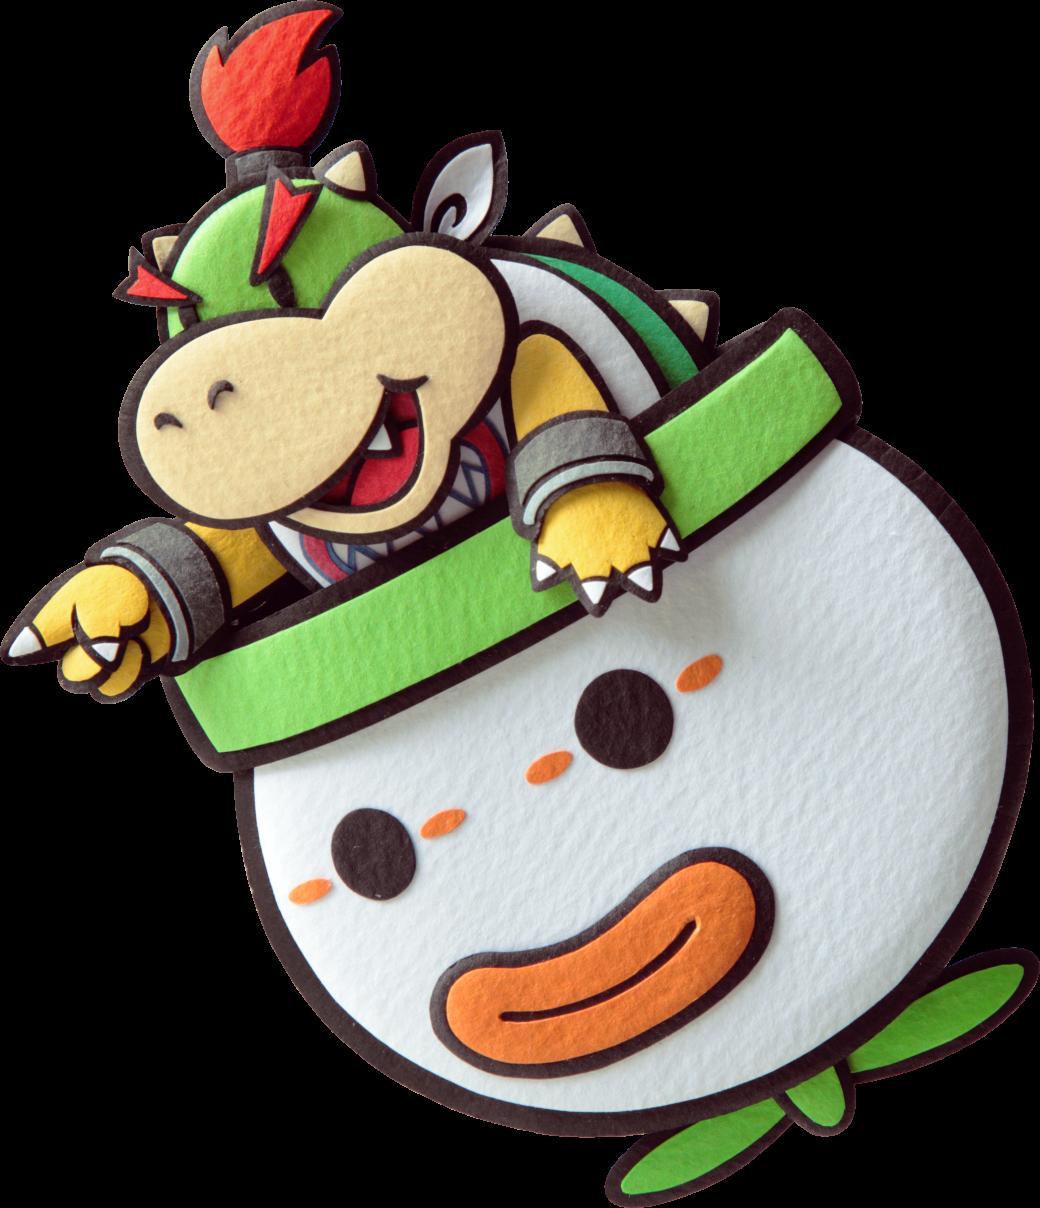 Рецензия на Paper Mario: Sticker Star. Обзор игры - Изображение 10